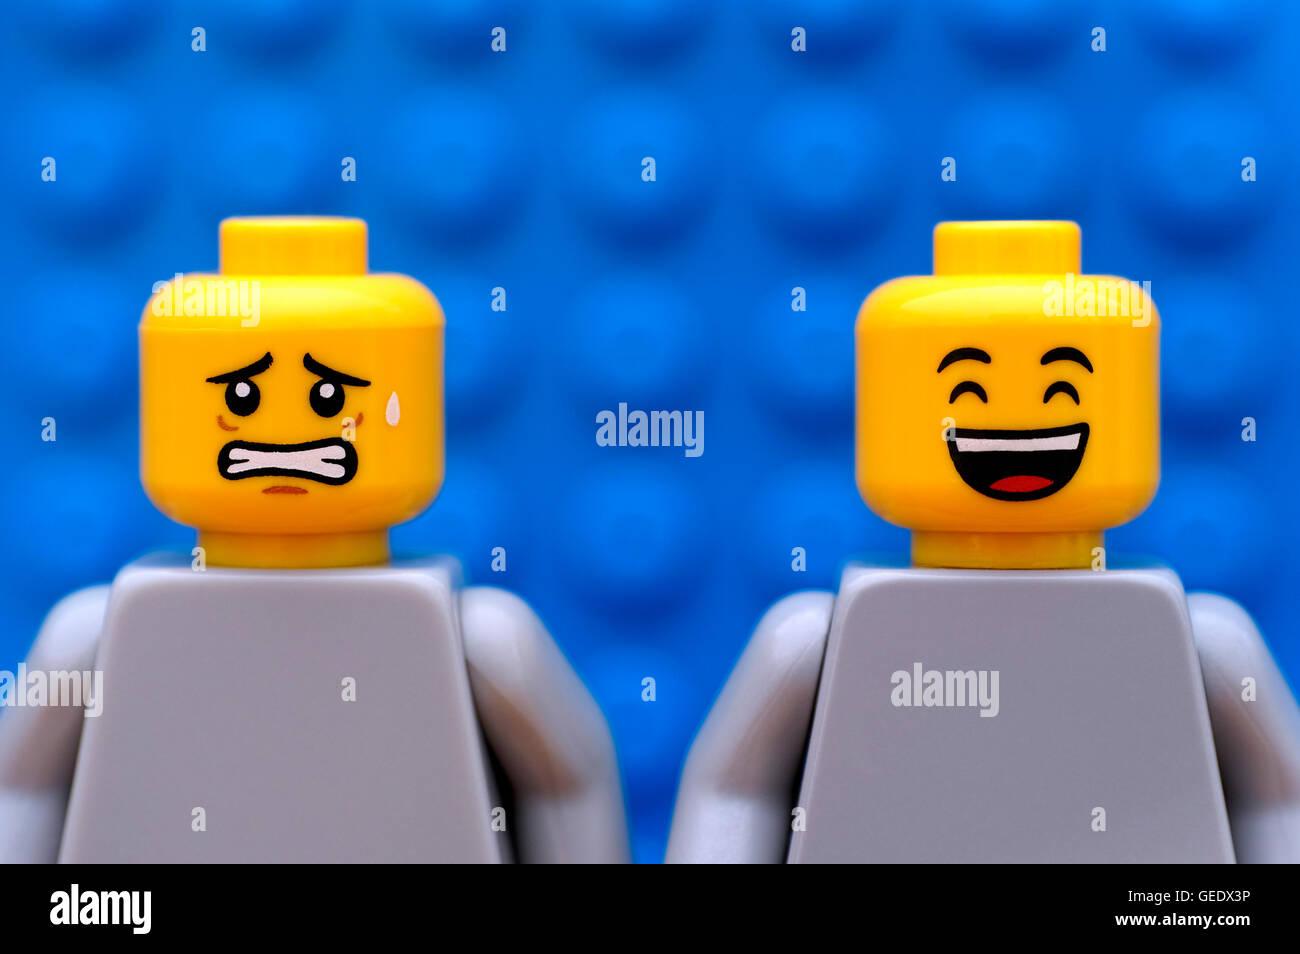 Tambow, Russische Föderation - 24. Juli 2016 zwei Lego Minifiguren - eine Angst und glücklich. Blauer Stockbild